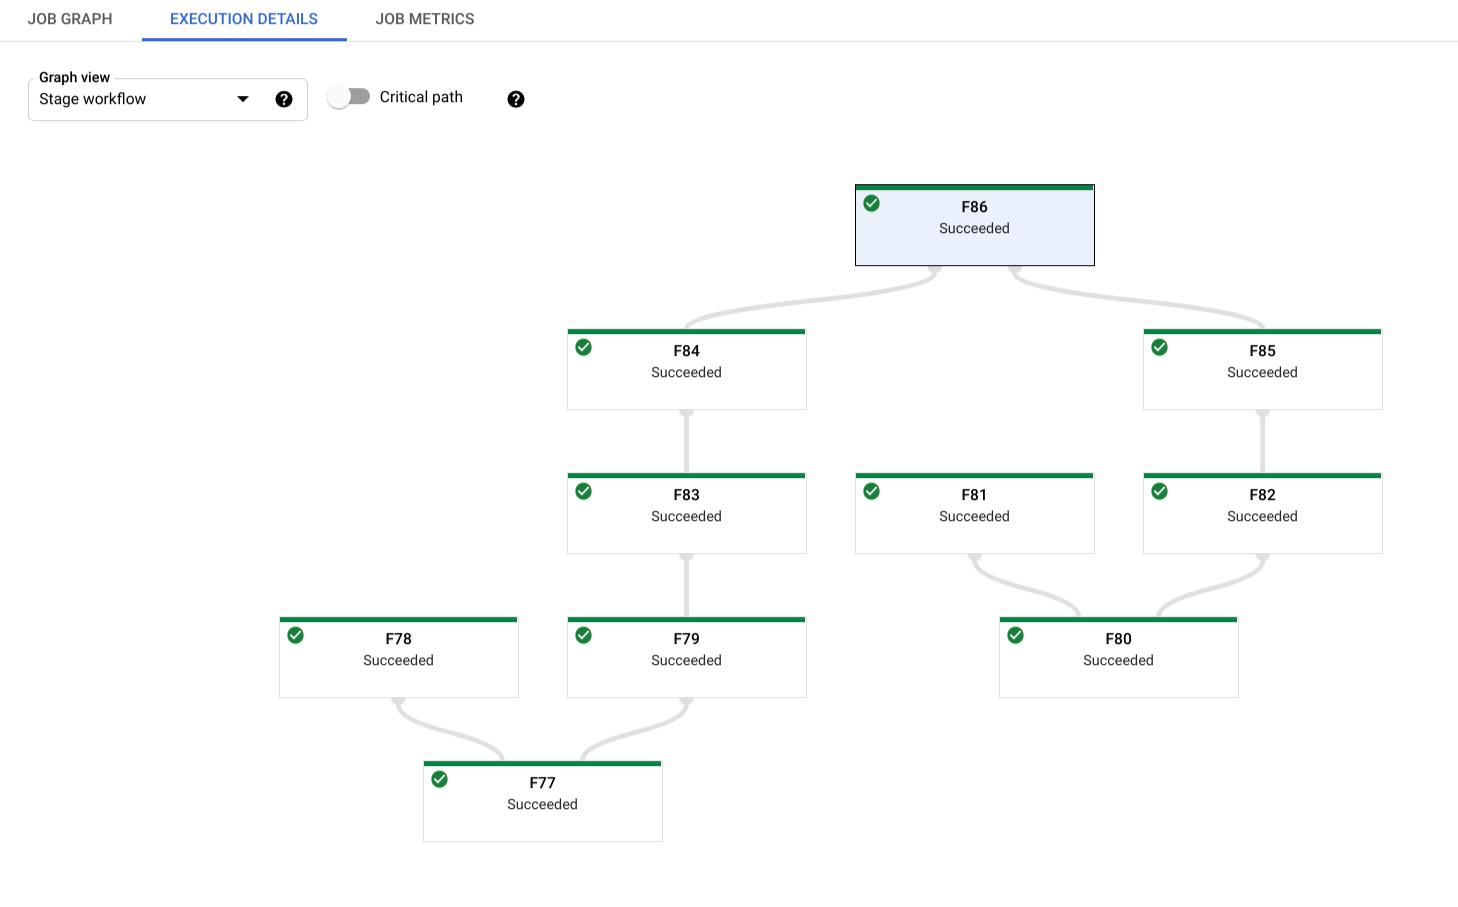 작업의 여러 실행 단계 계층 구조를 보여주는 단계 워크플로 뷰의 예시입니다.